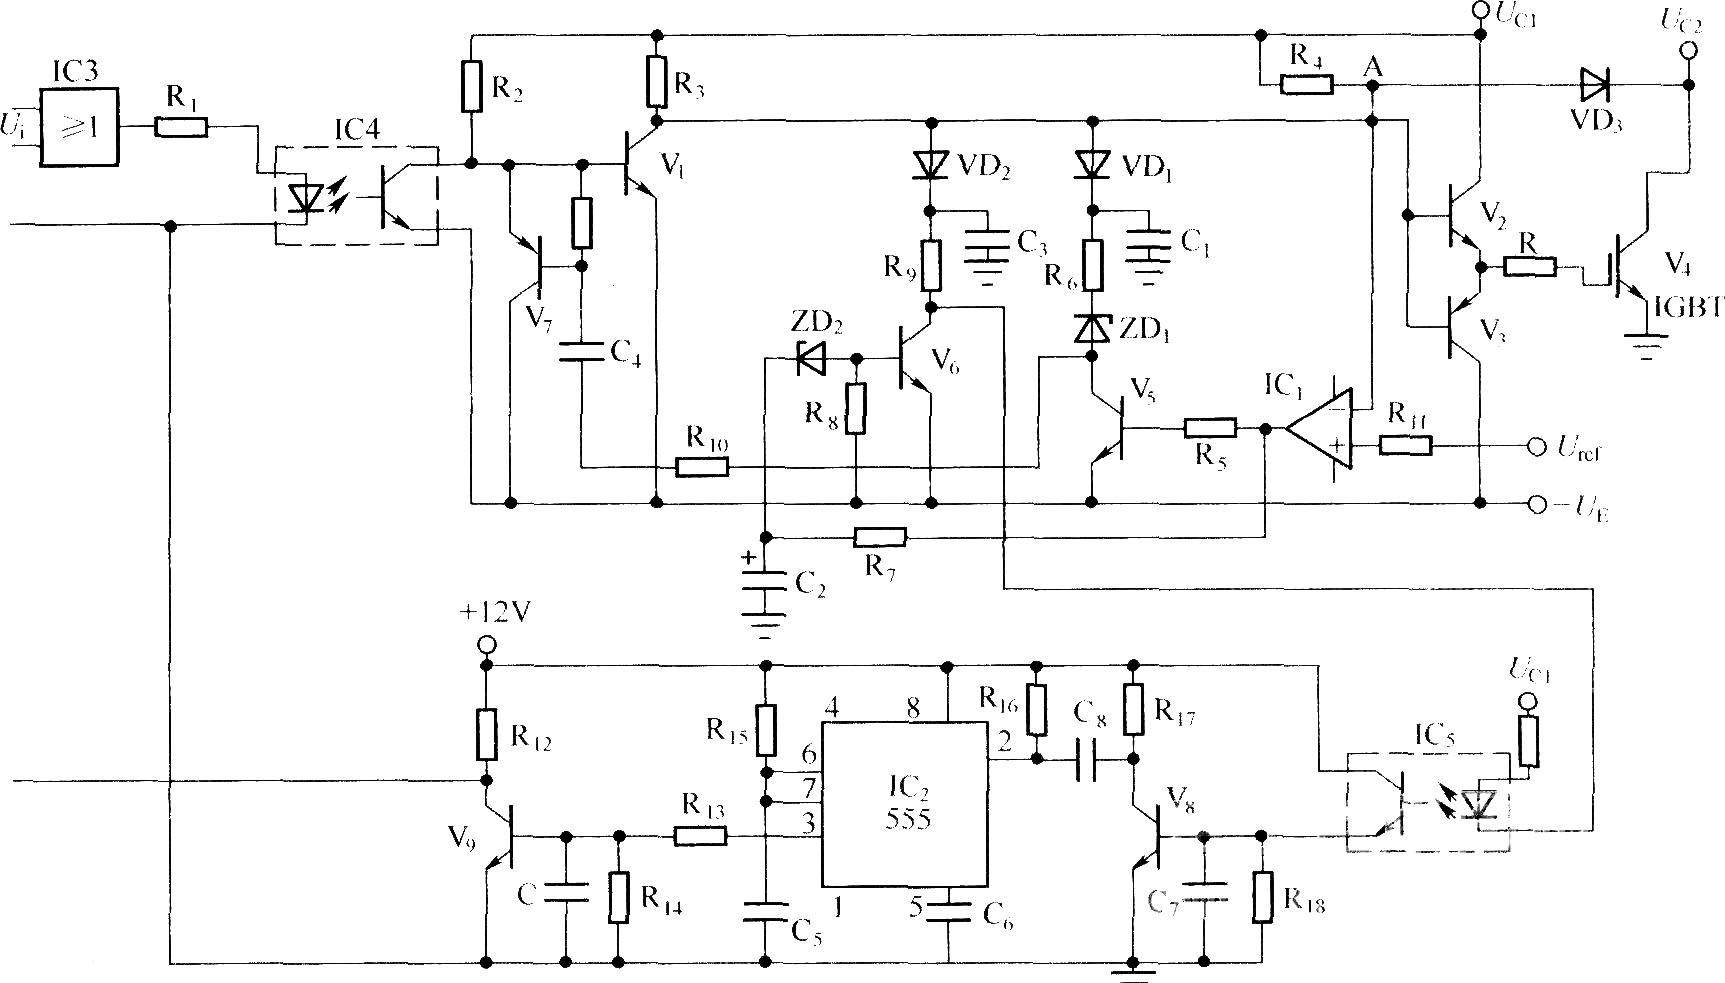 频率的综合短路保护电路